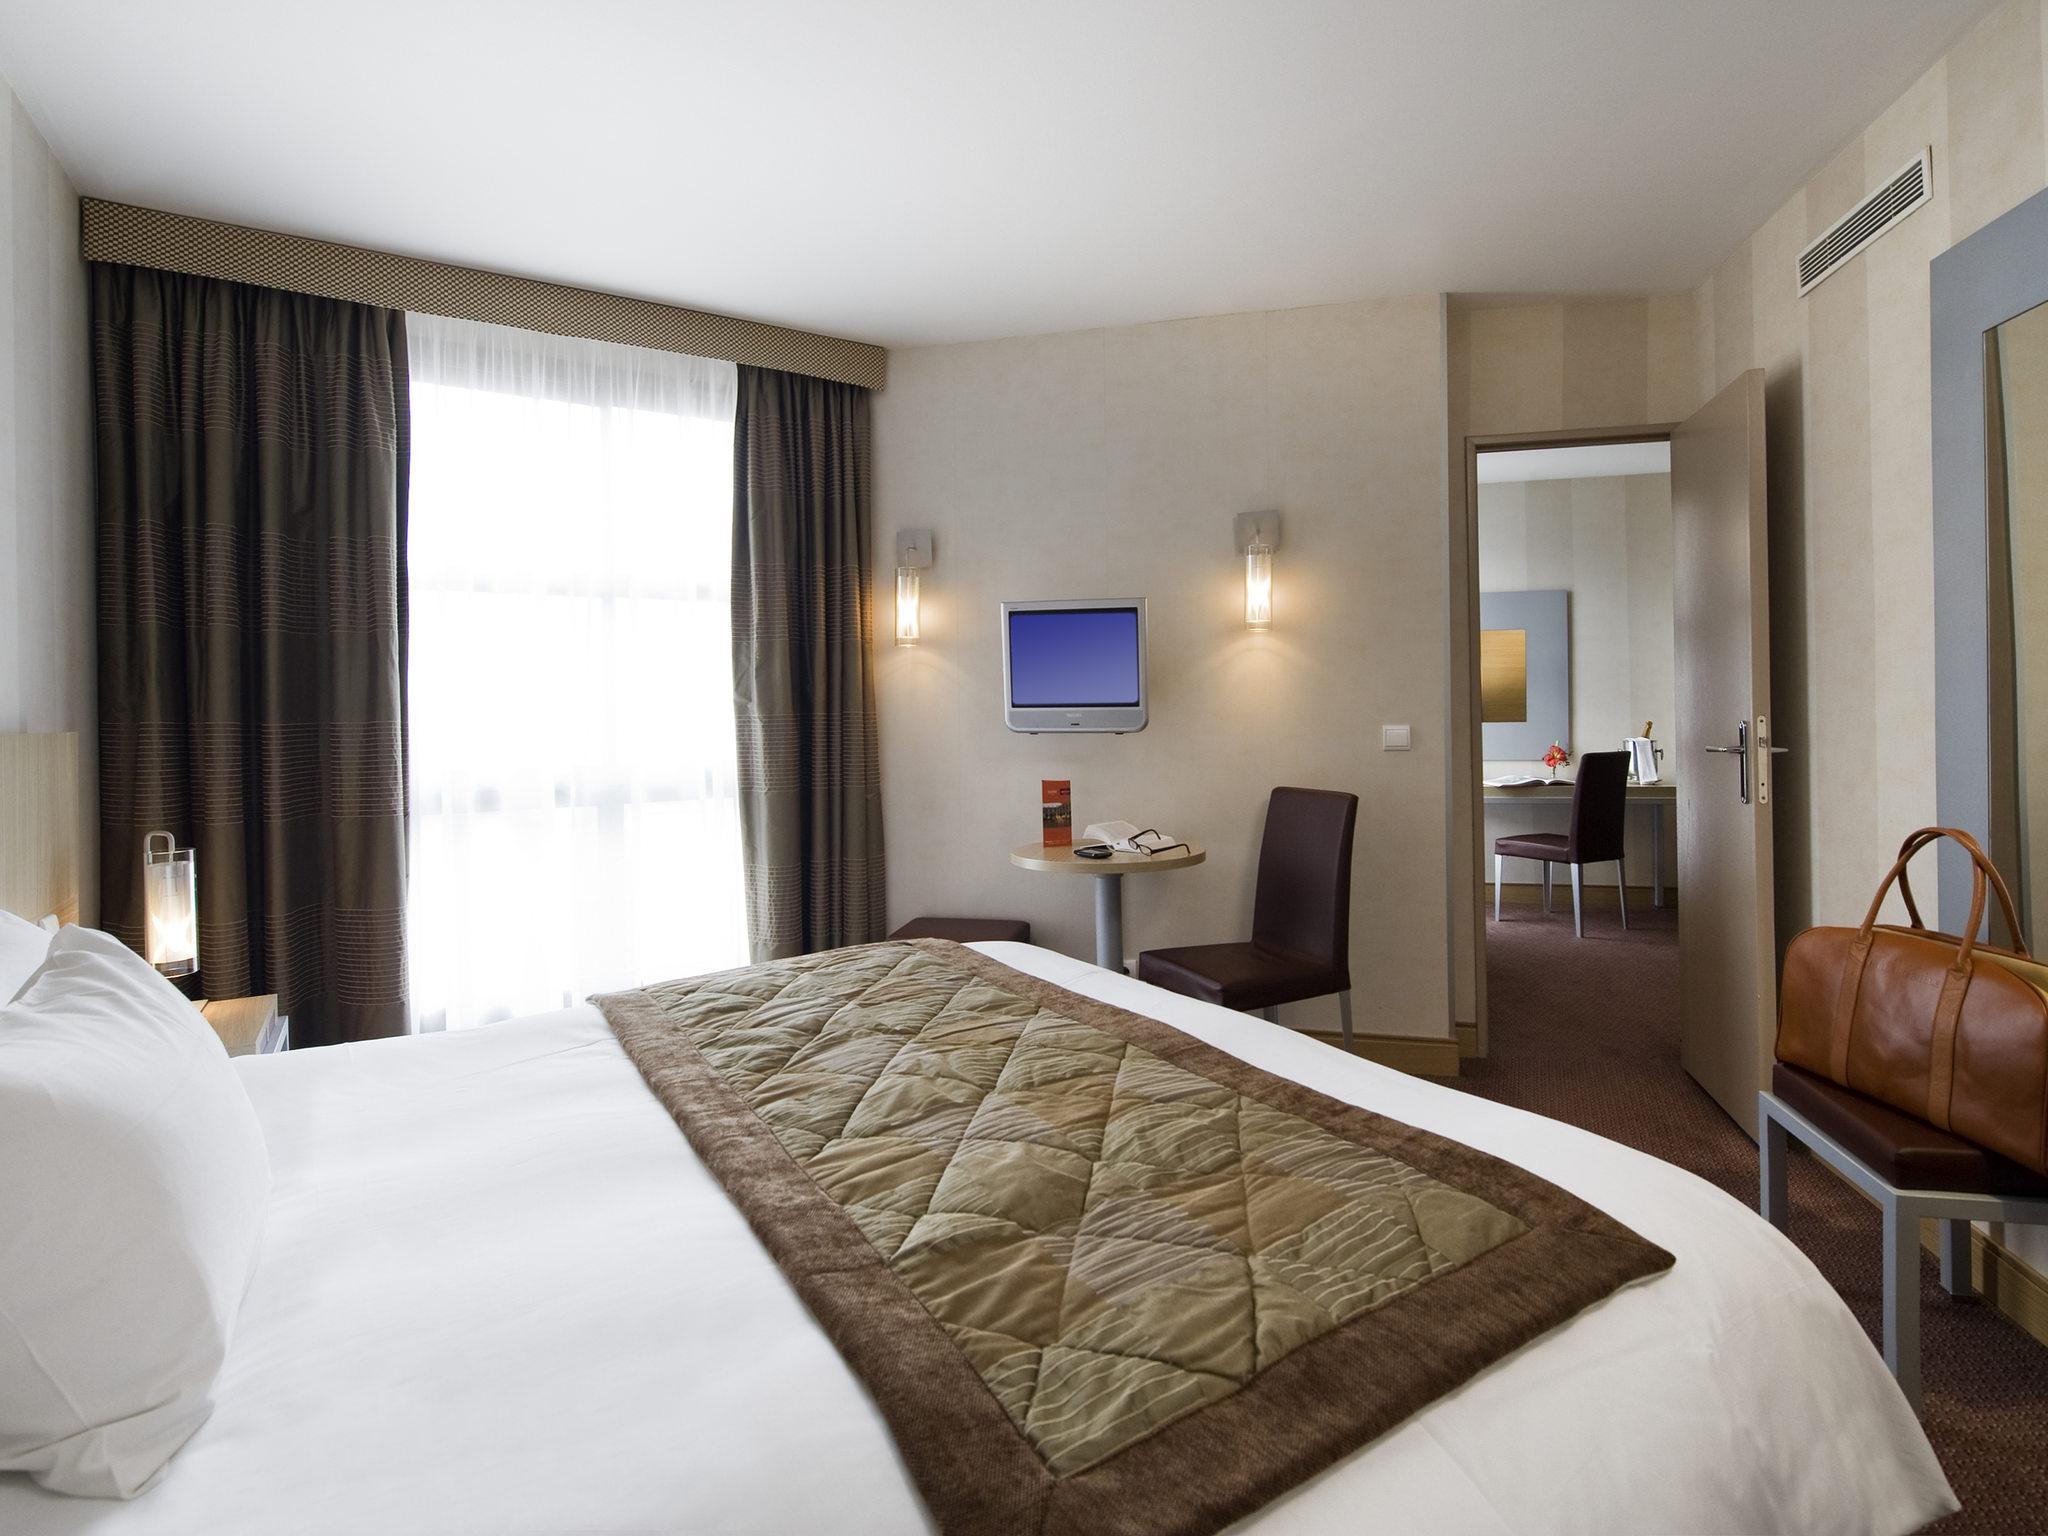 ホテル – メルキュールパリゴブランプラスディタリー